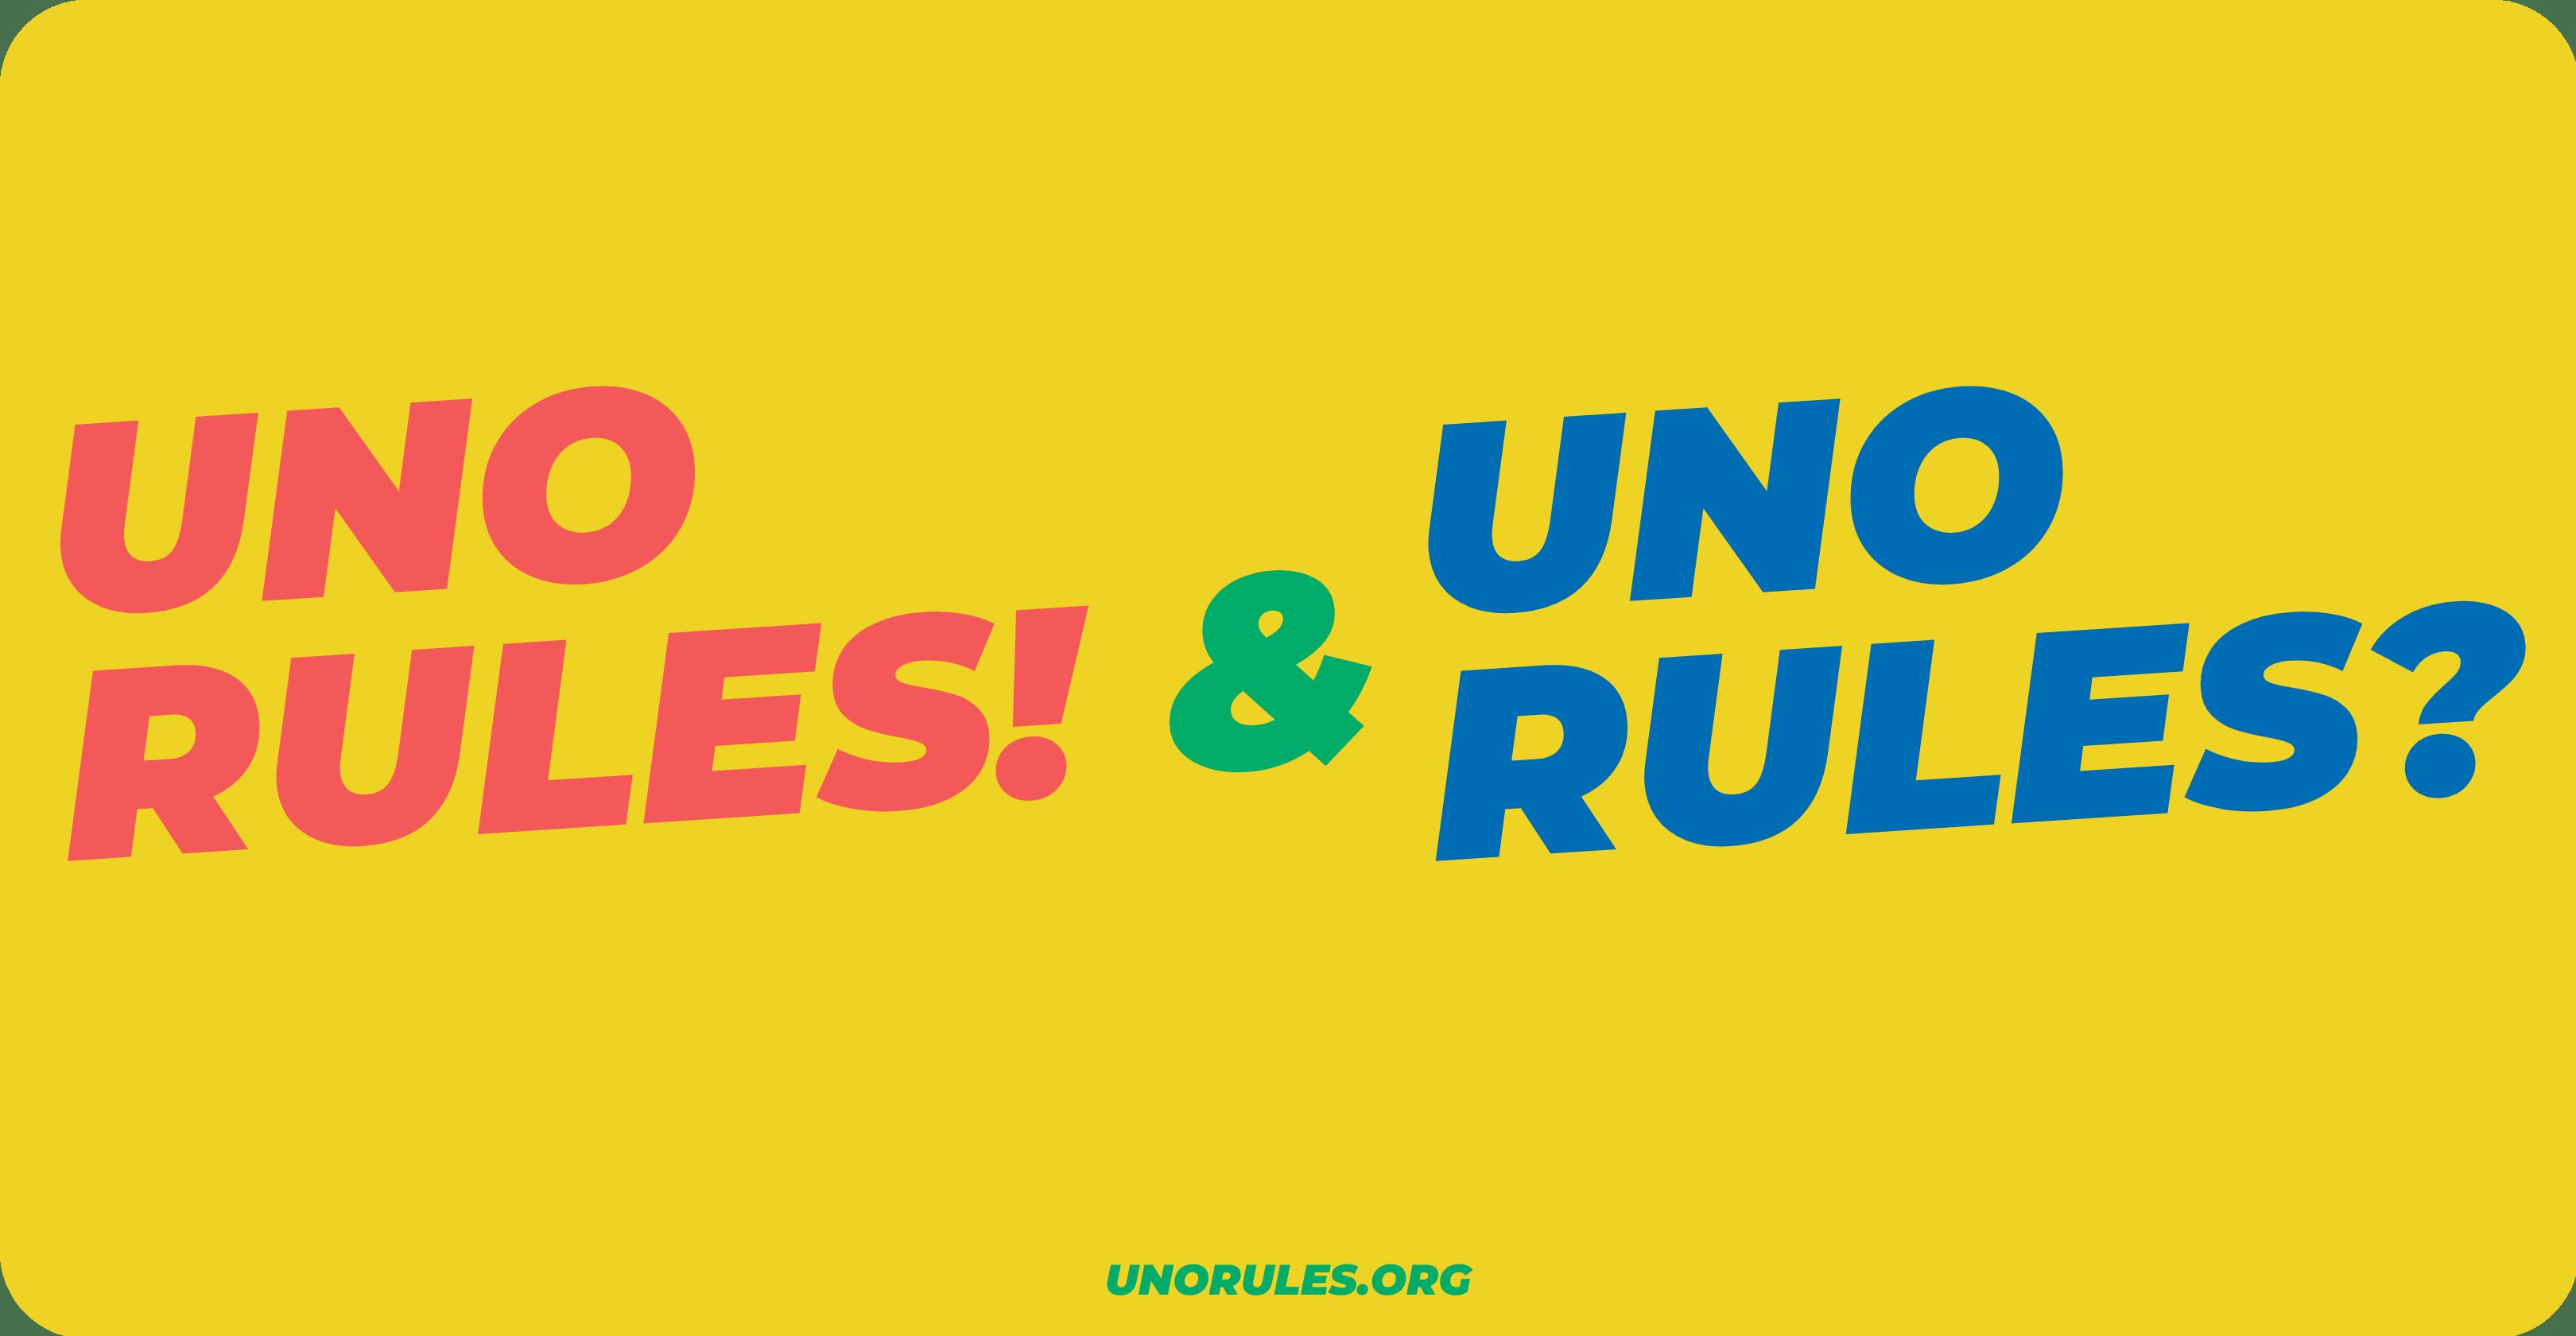 UnoRules vs UnoRules